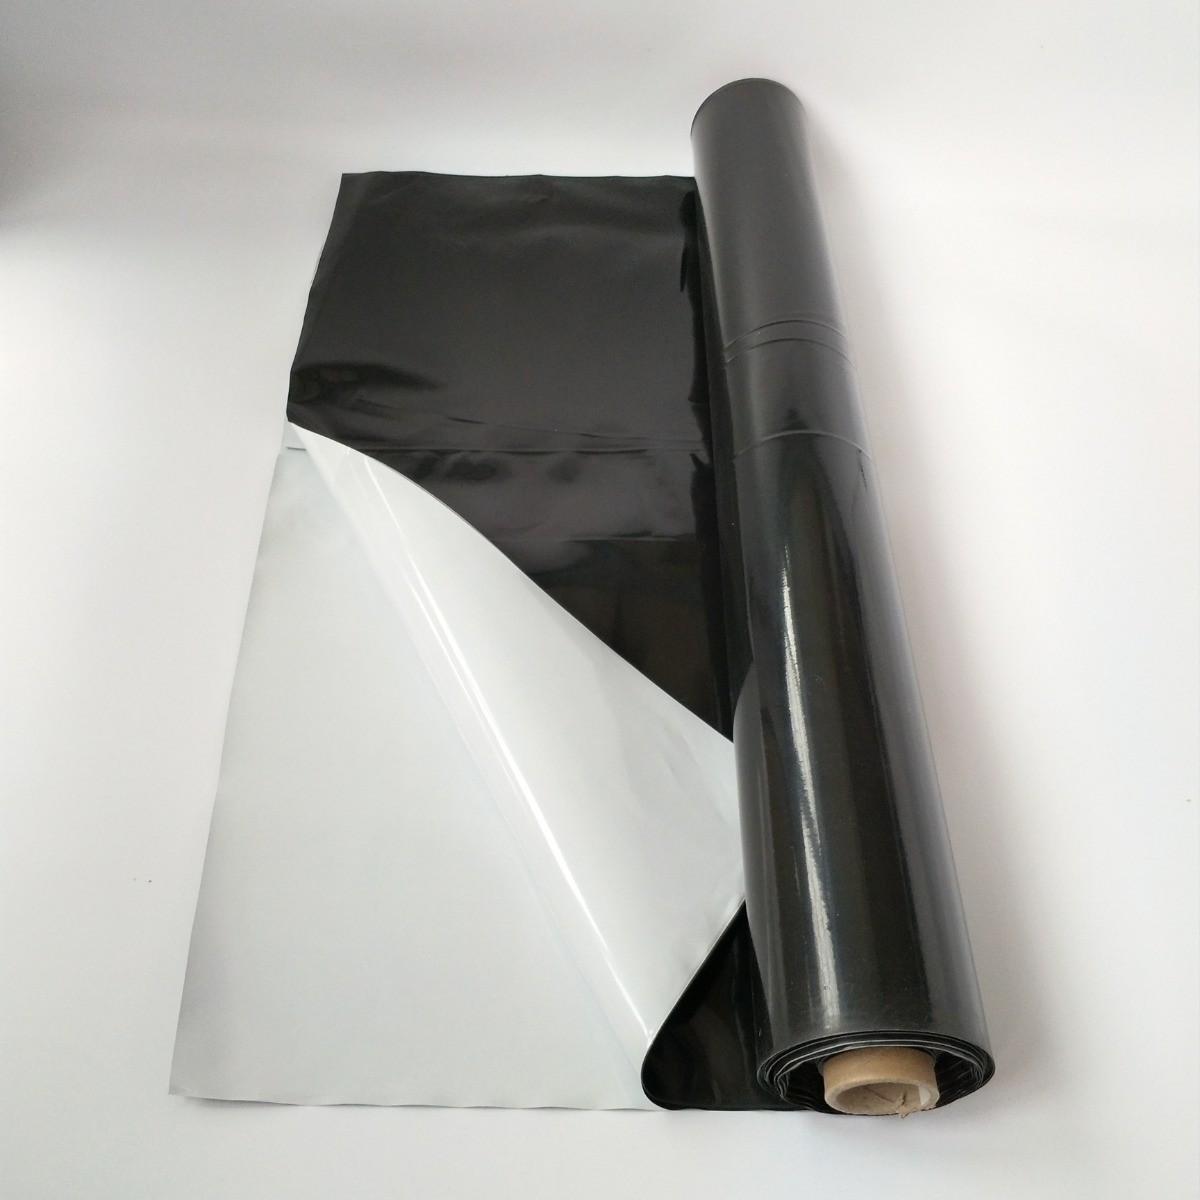 Lona Silagem Nortene Branca/Preta 72kg - 6x83m